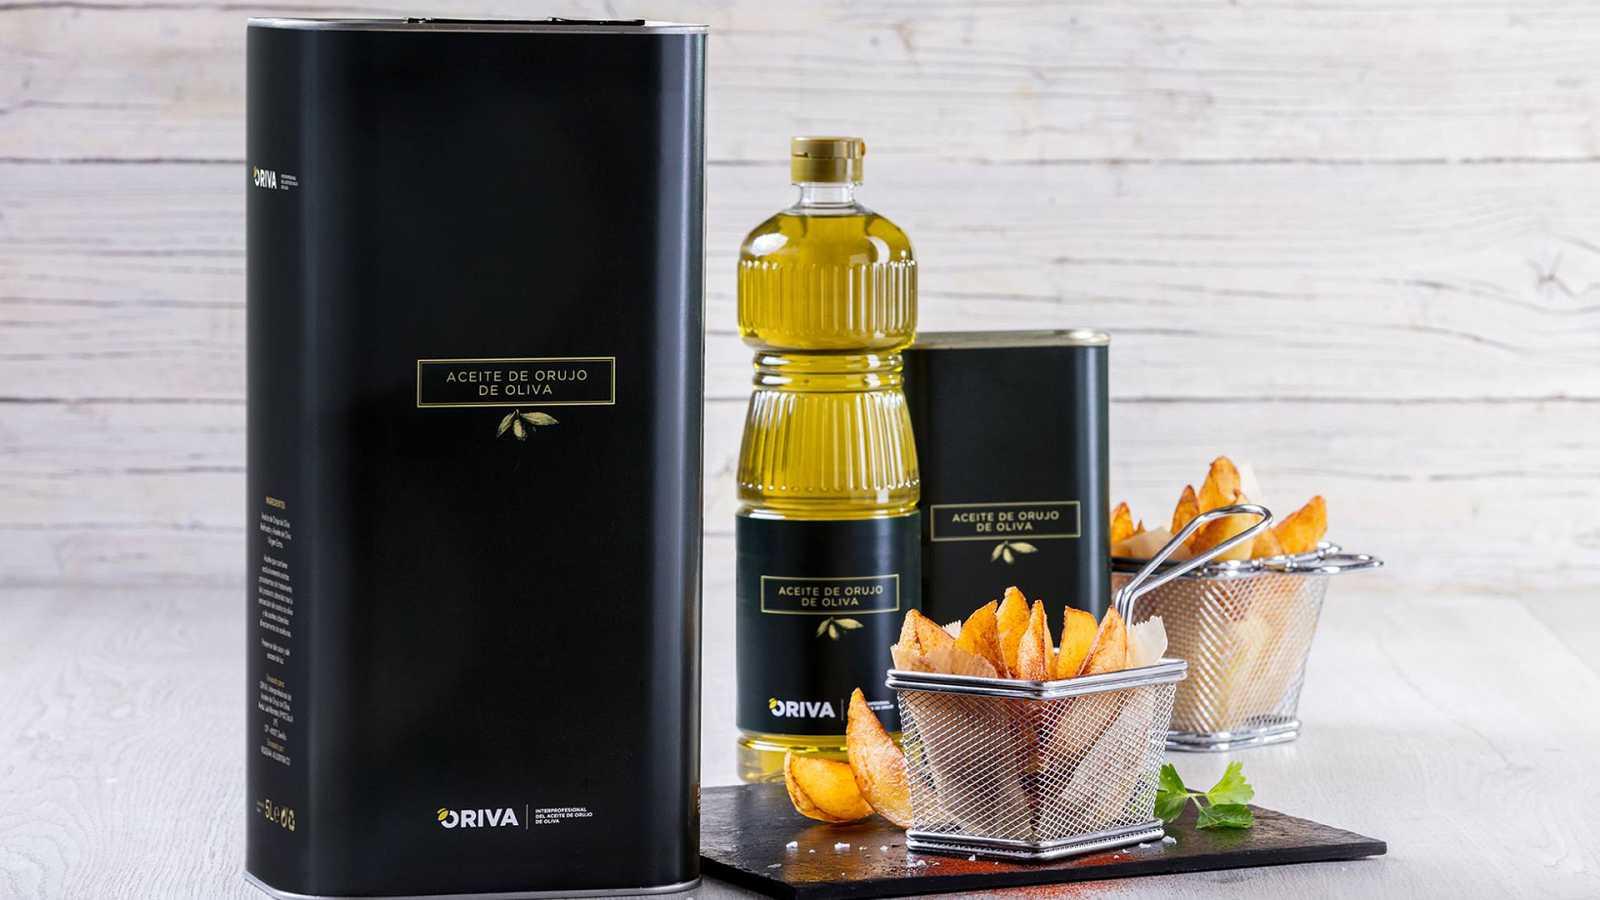 En clave Turismo - Aceite de orujo de oliva, una opción saludable - 19/04/21 - escuchar ahora